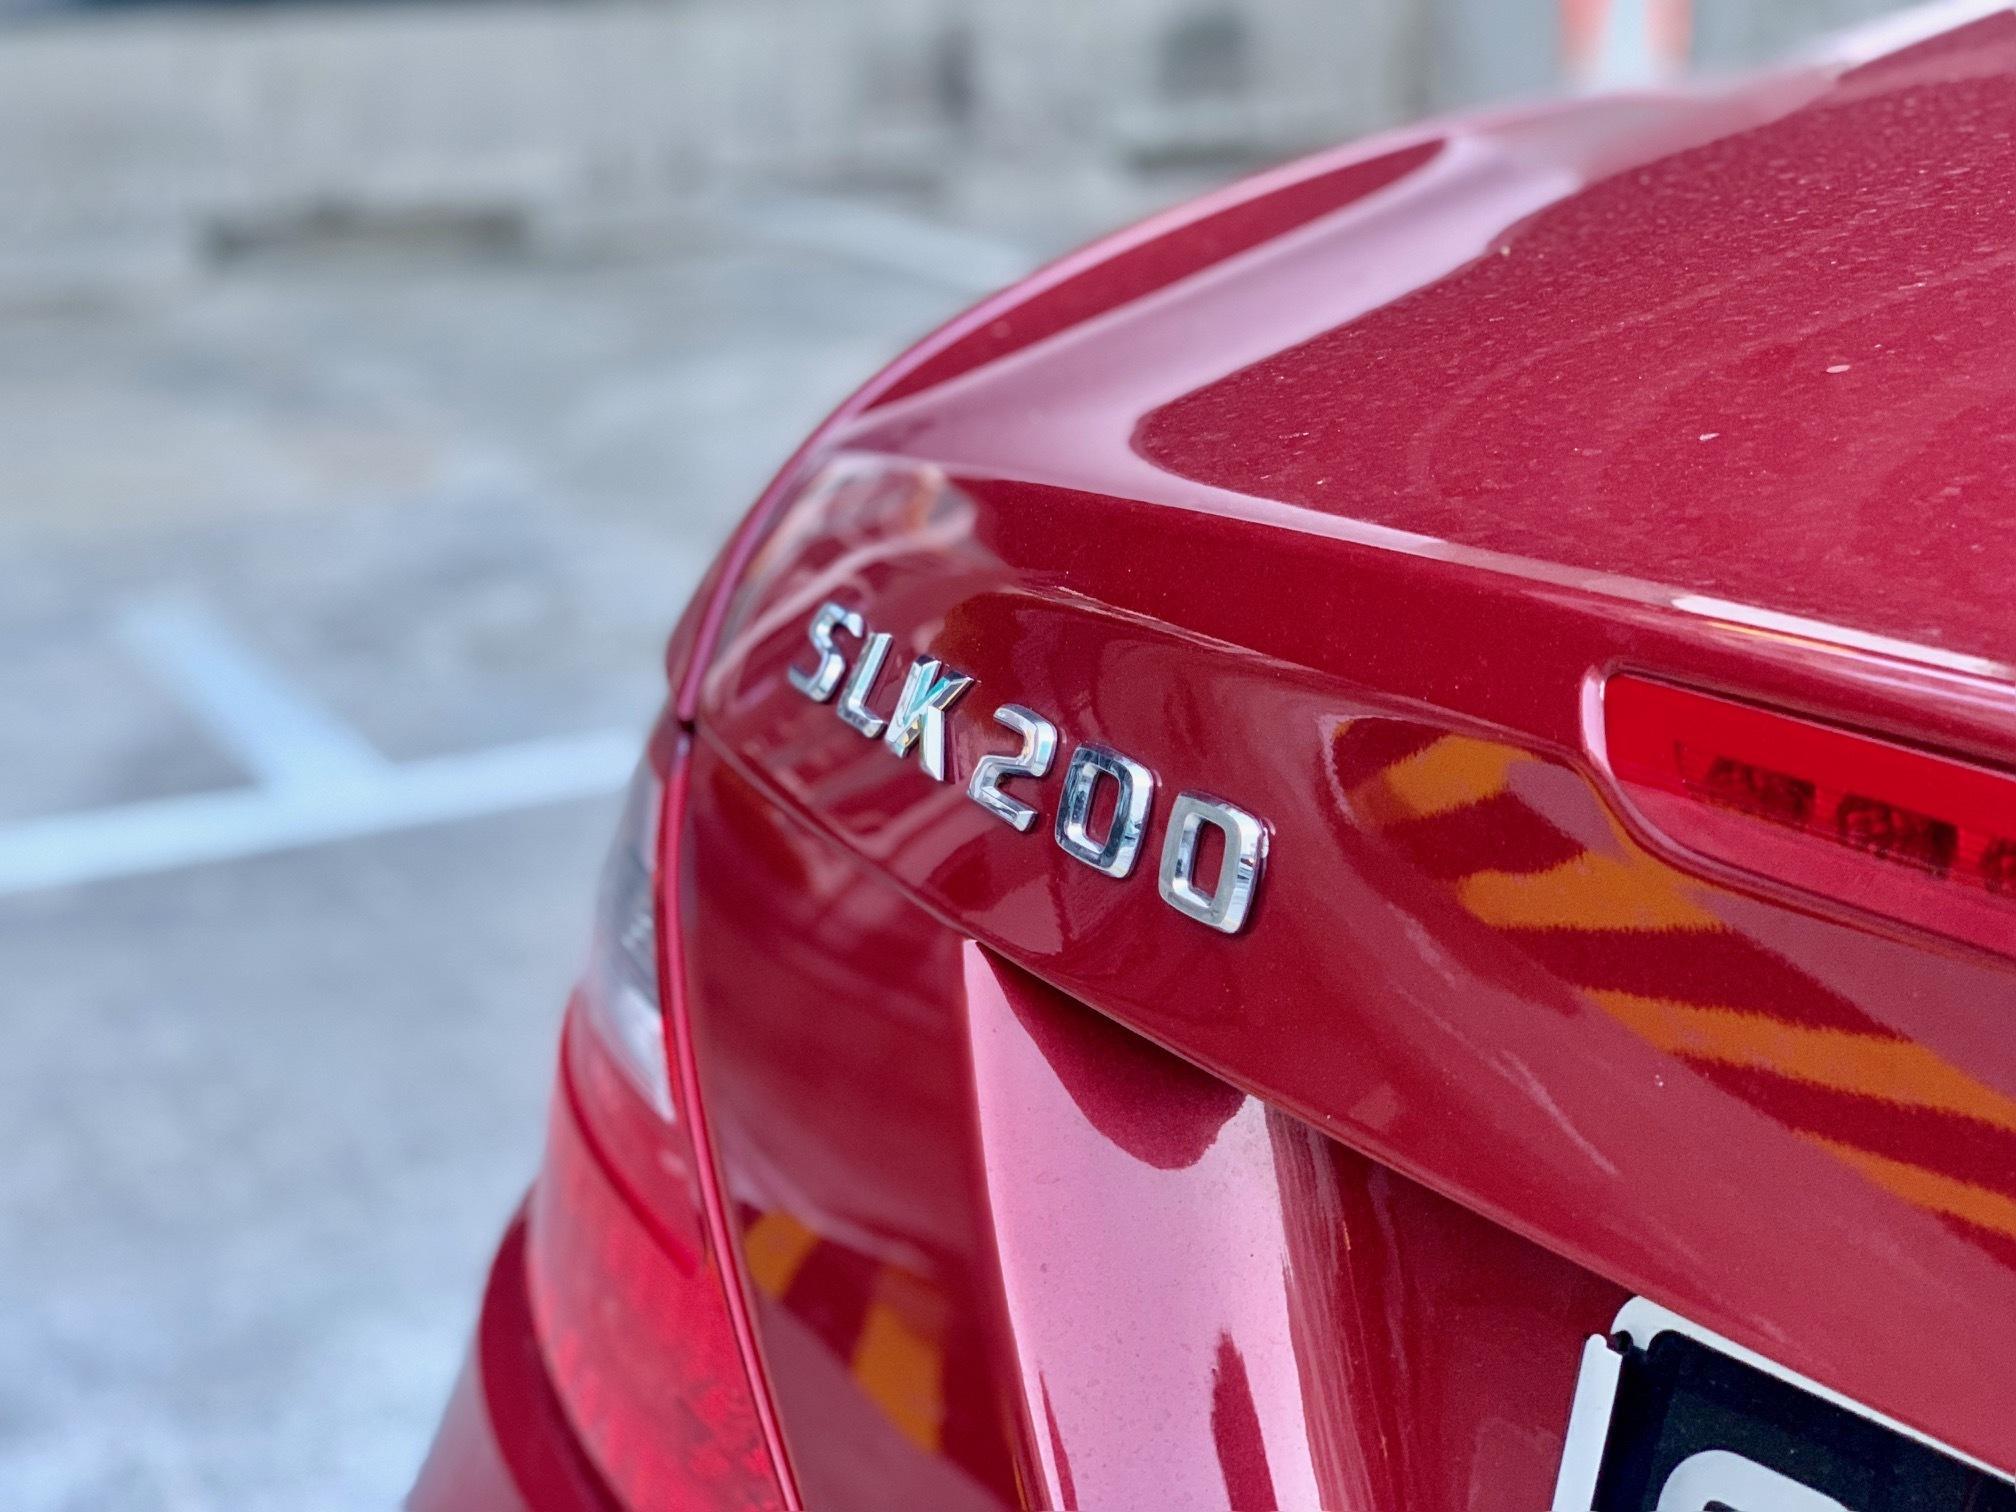 Mercedes-Benz SLK200 Auto Kompressor